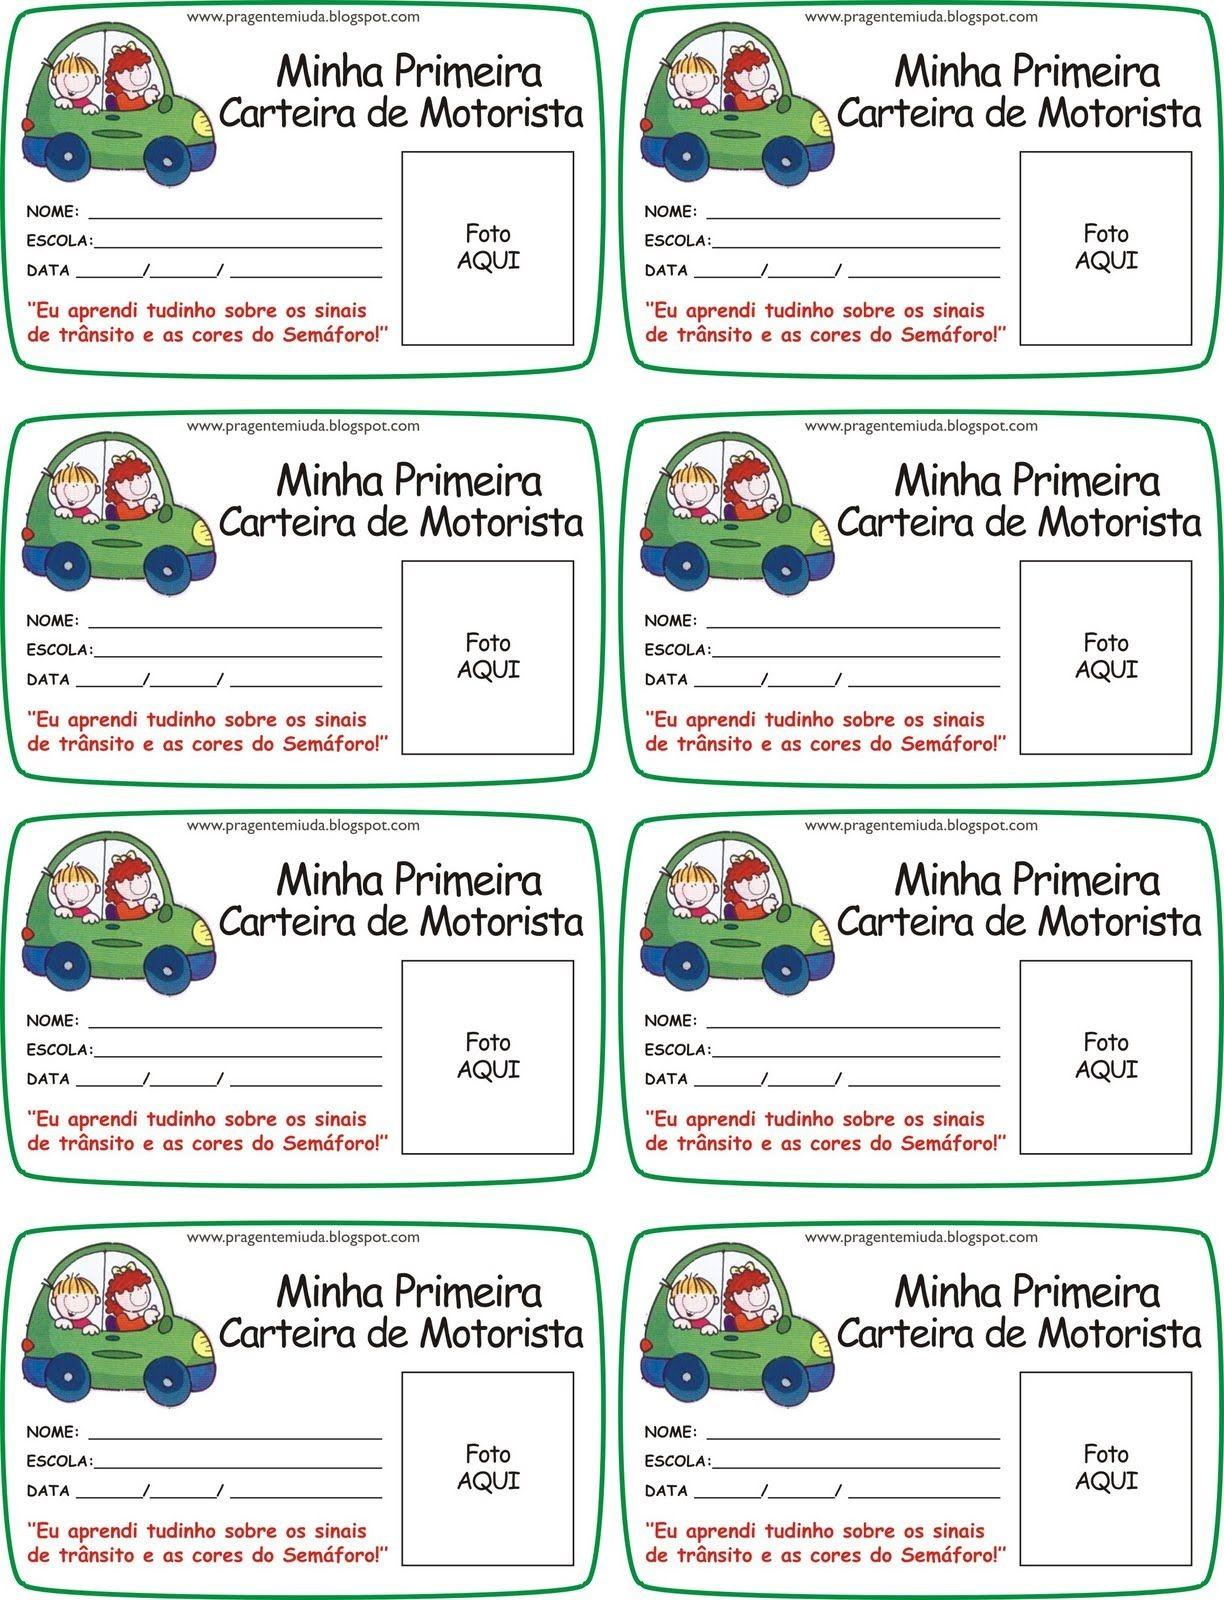 Carteira de motorista para imprimir e trabalhar em projetos de educa§£o infantil sobre educa§£o no tr¢nsito